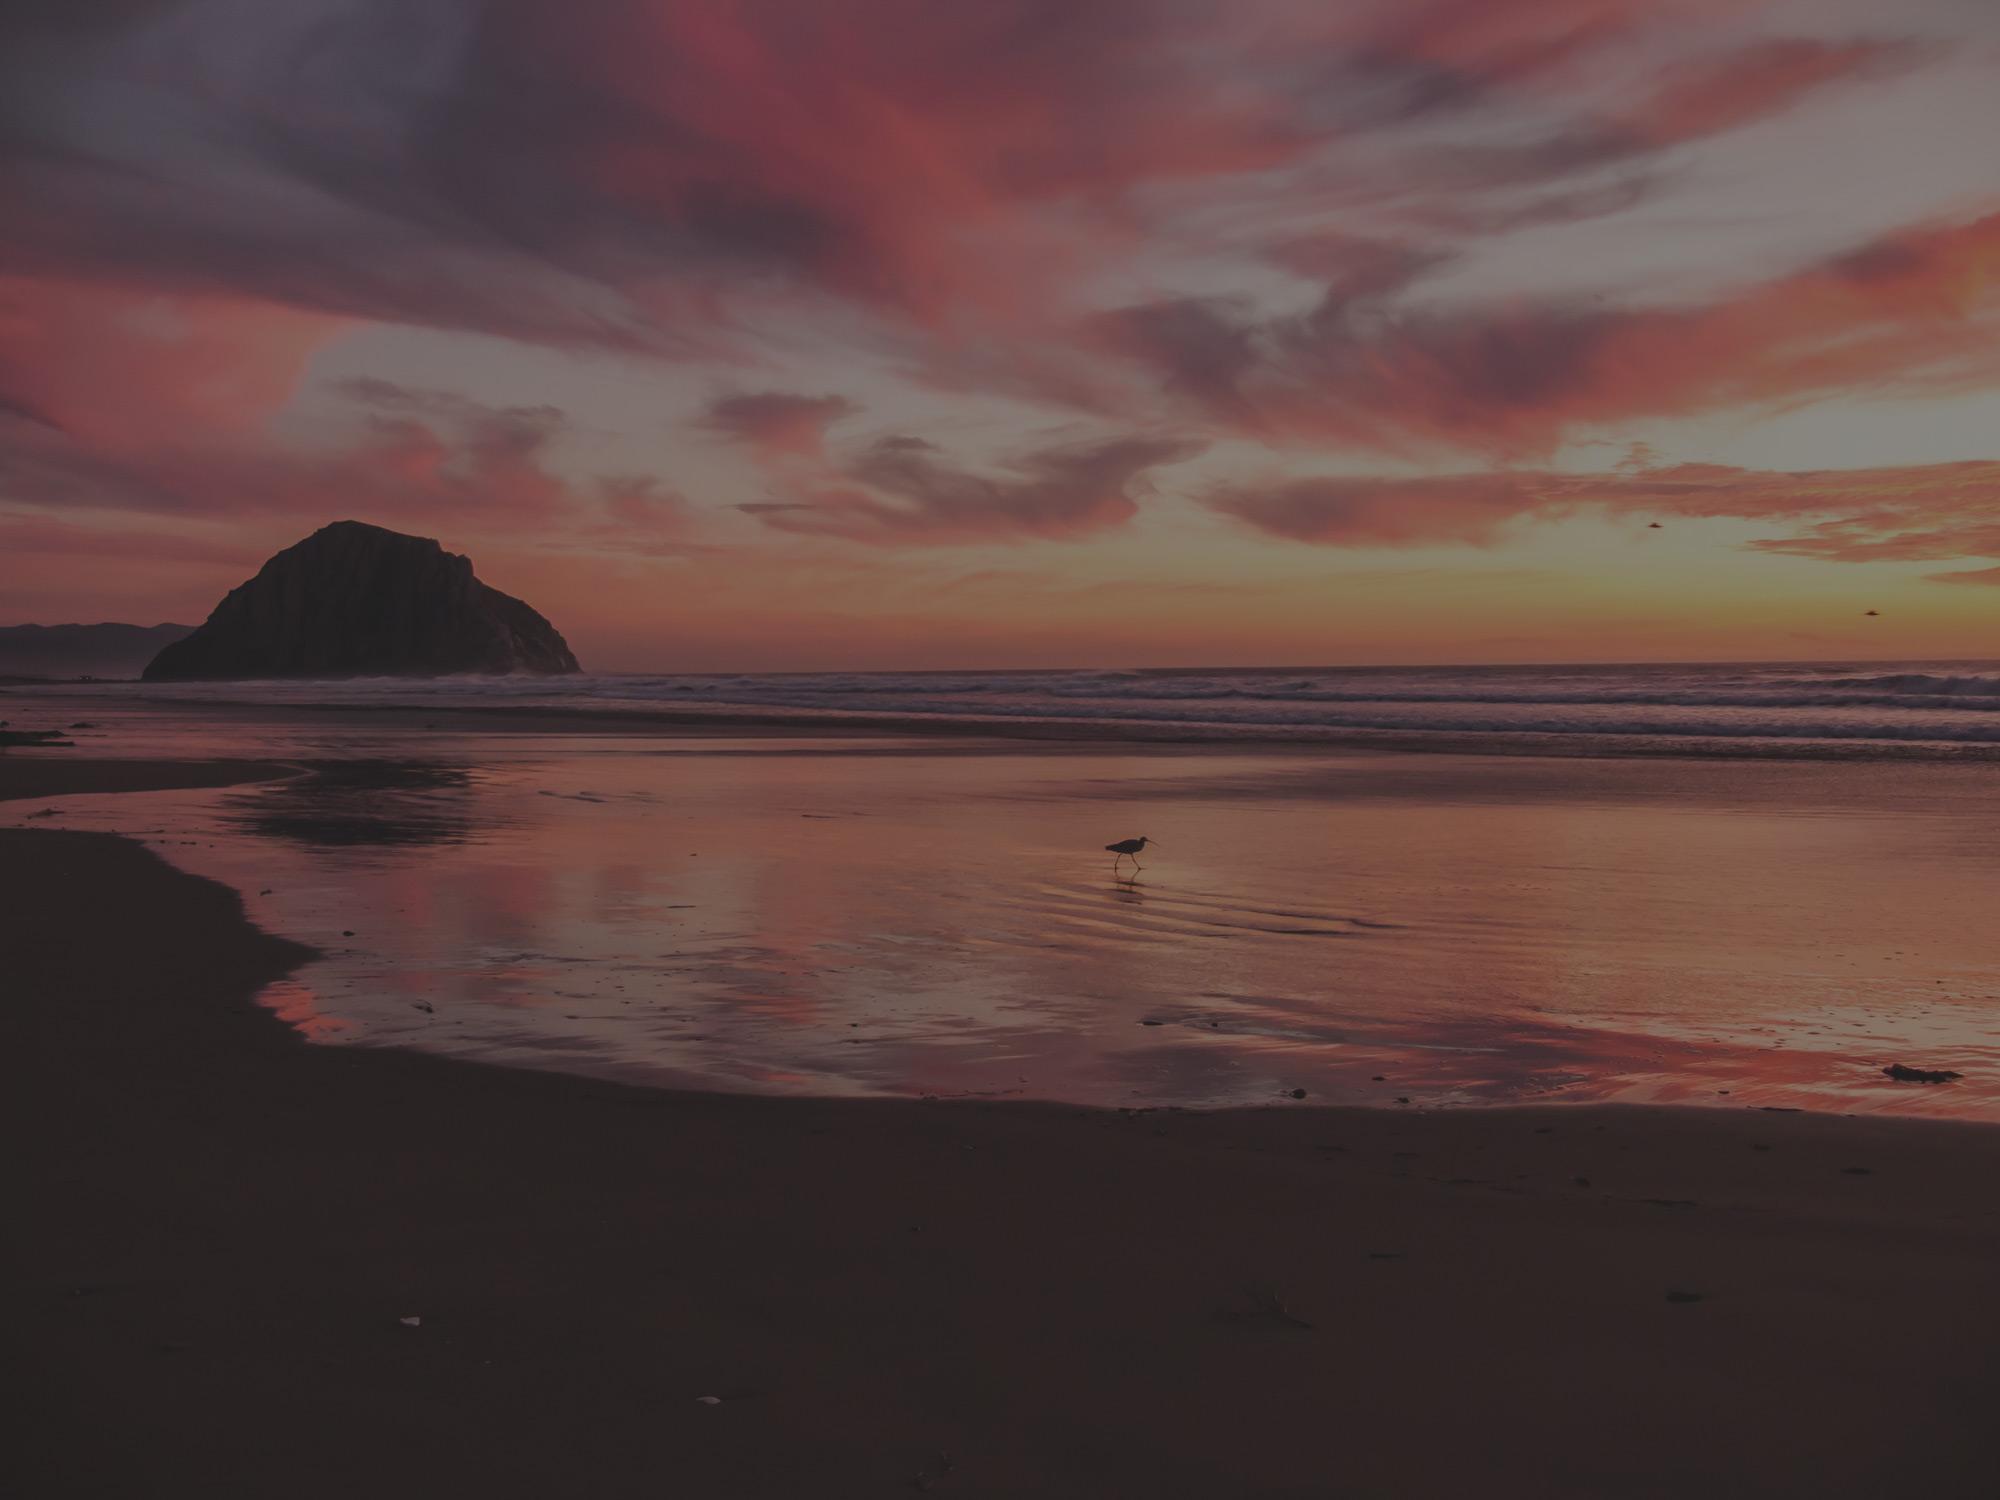 sunset-background